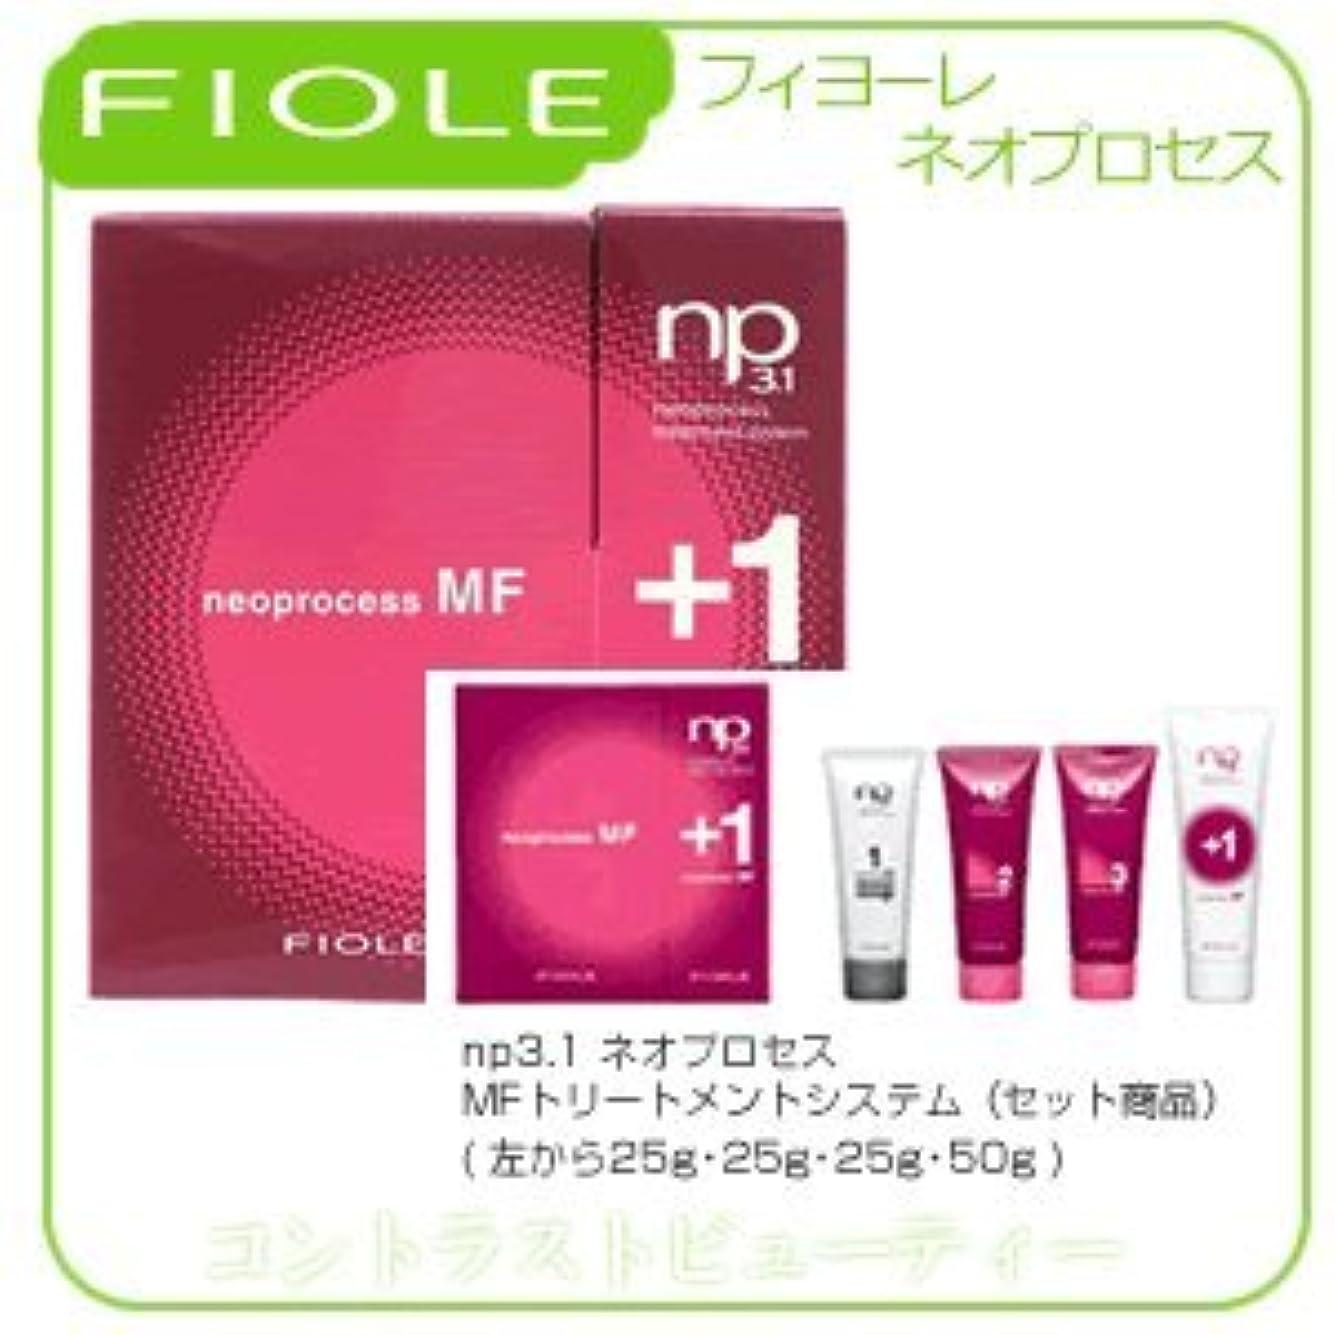 高音温かいどっち【X3個セット】 フィヨーレ NP3.1 ネオプロセス MF トリートメントシステム FIOLE ネオプロセス